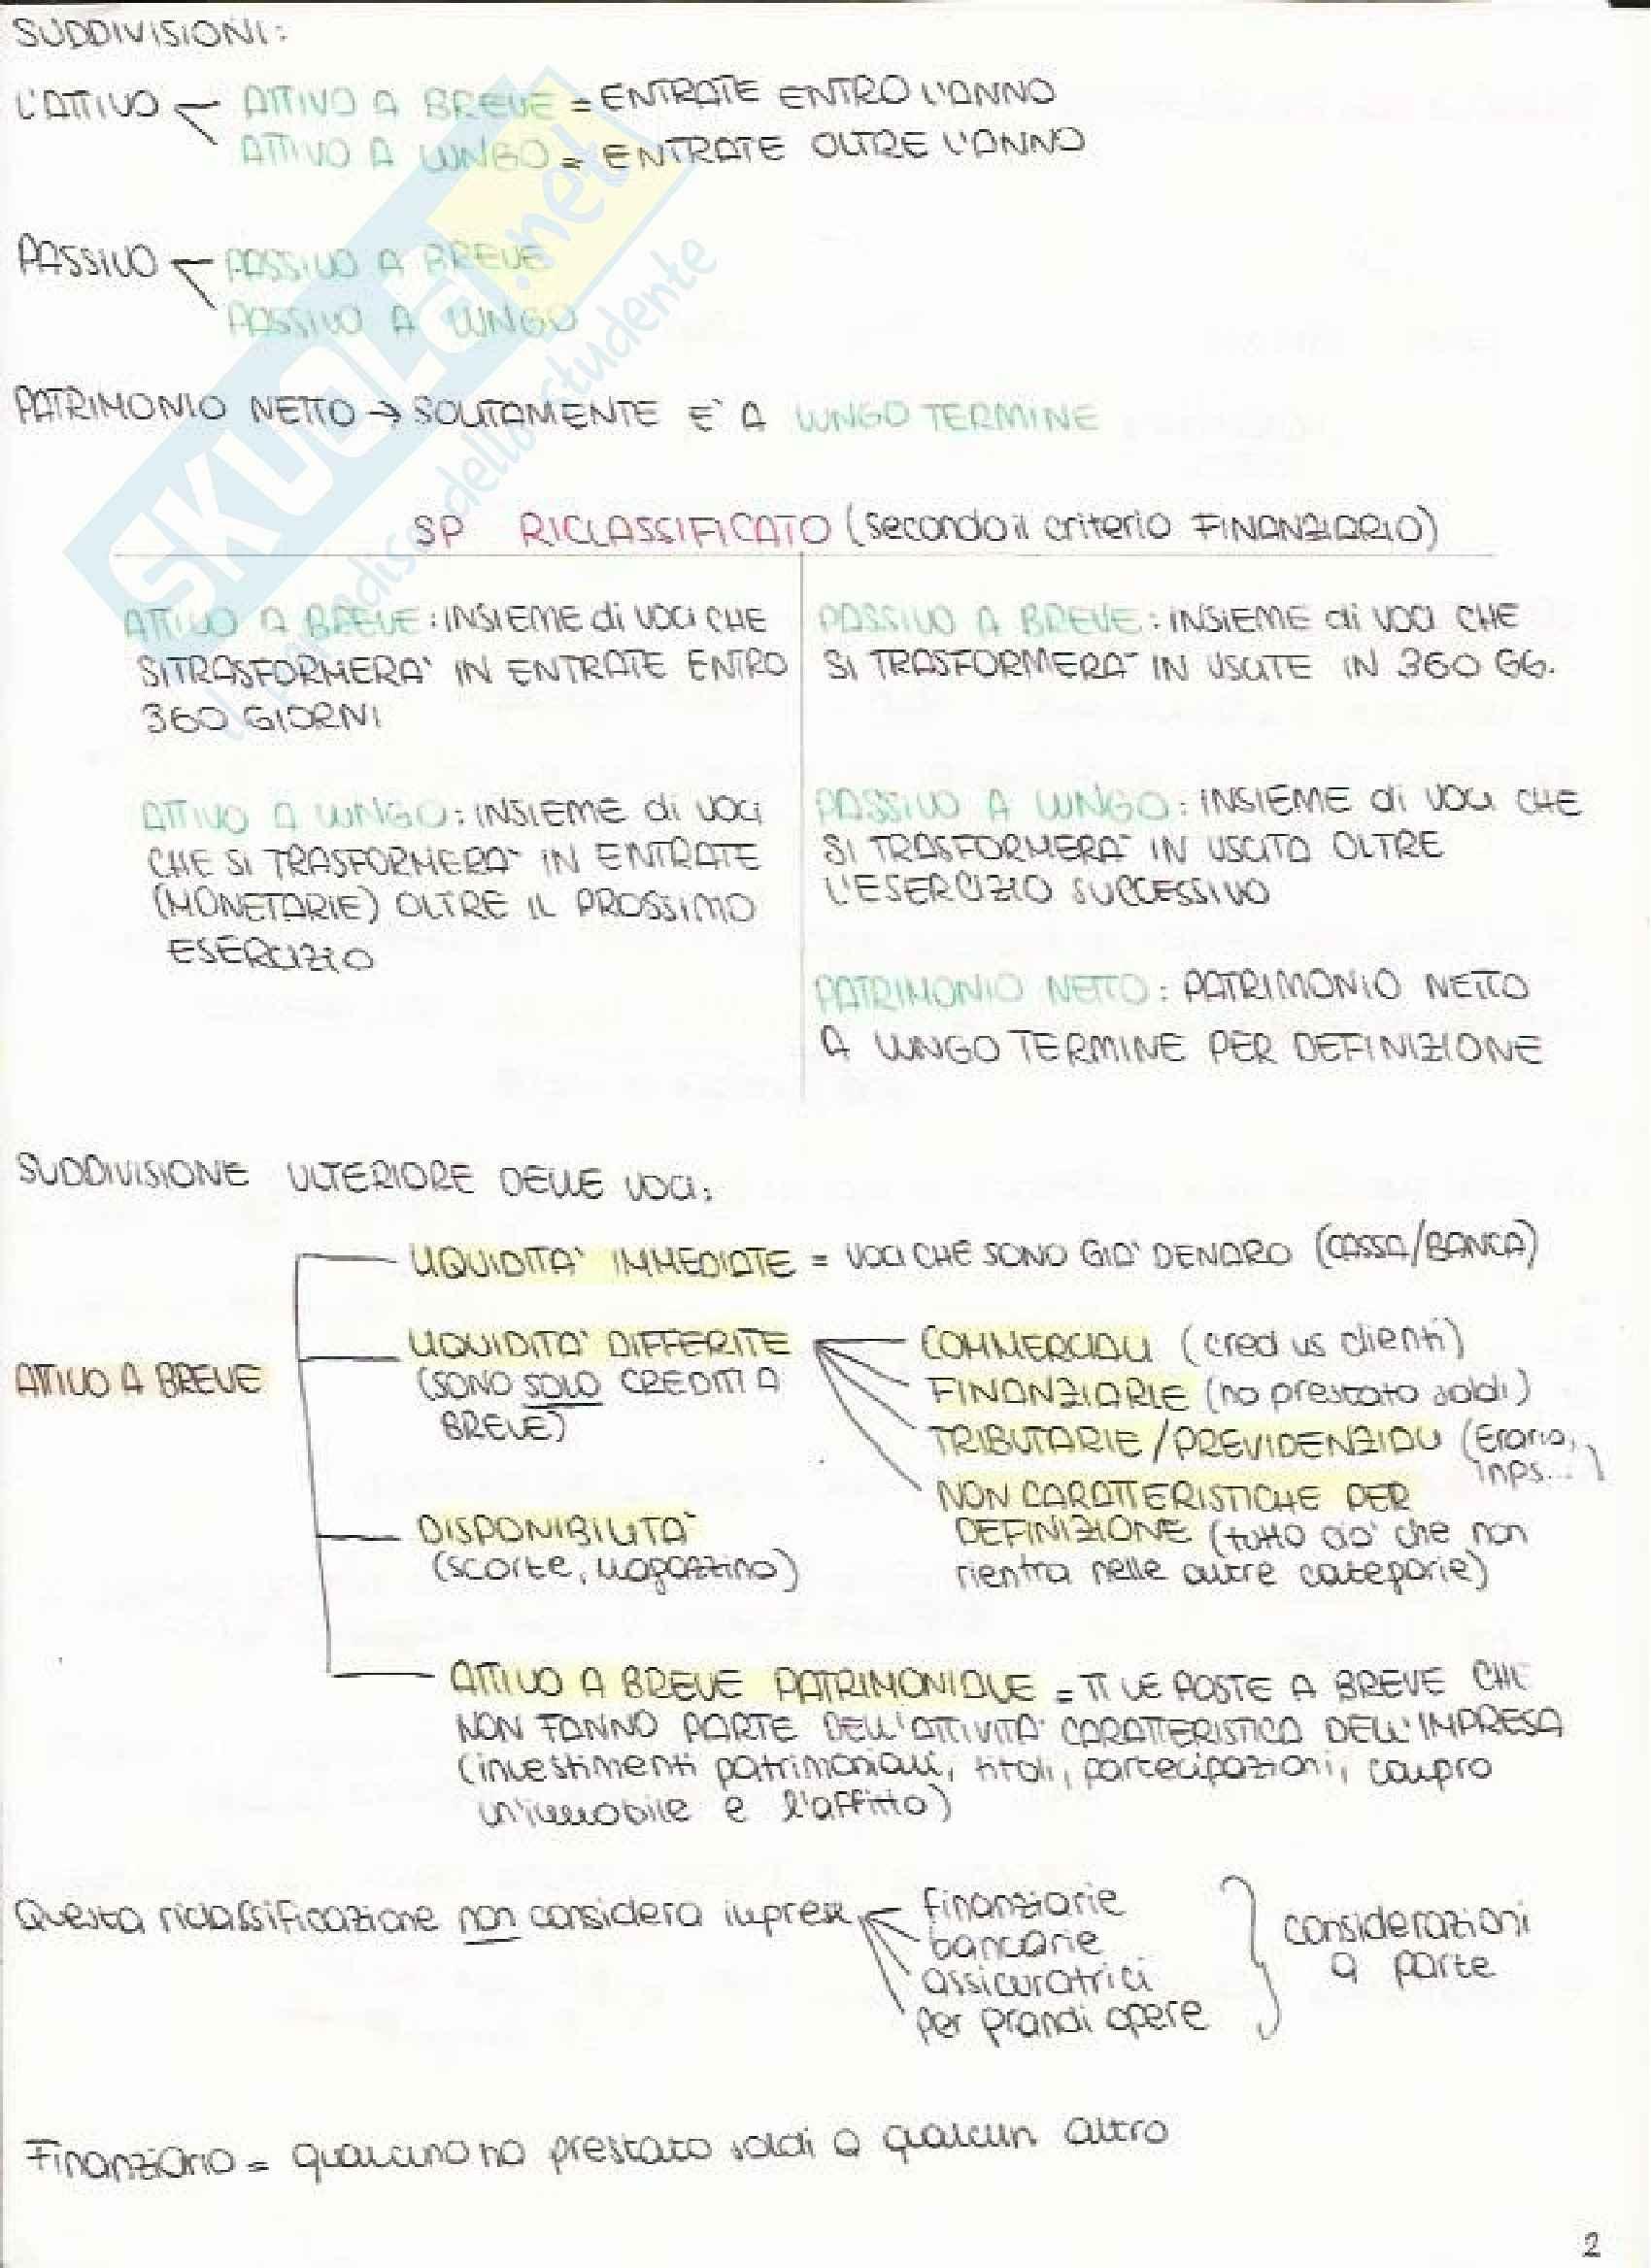 Bilancio e Analisi Economico Finanziaria - Appunti Pag. 2